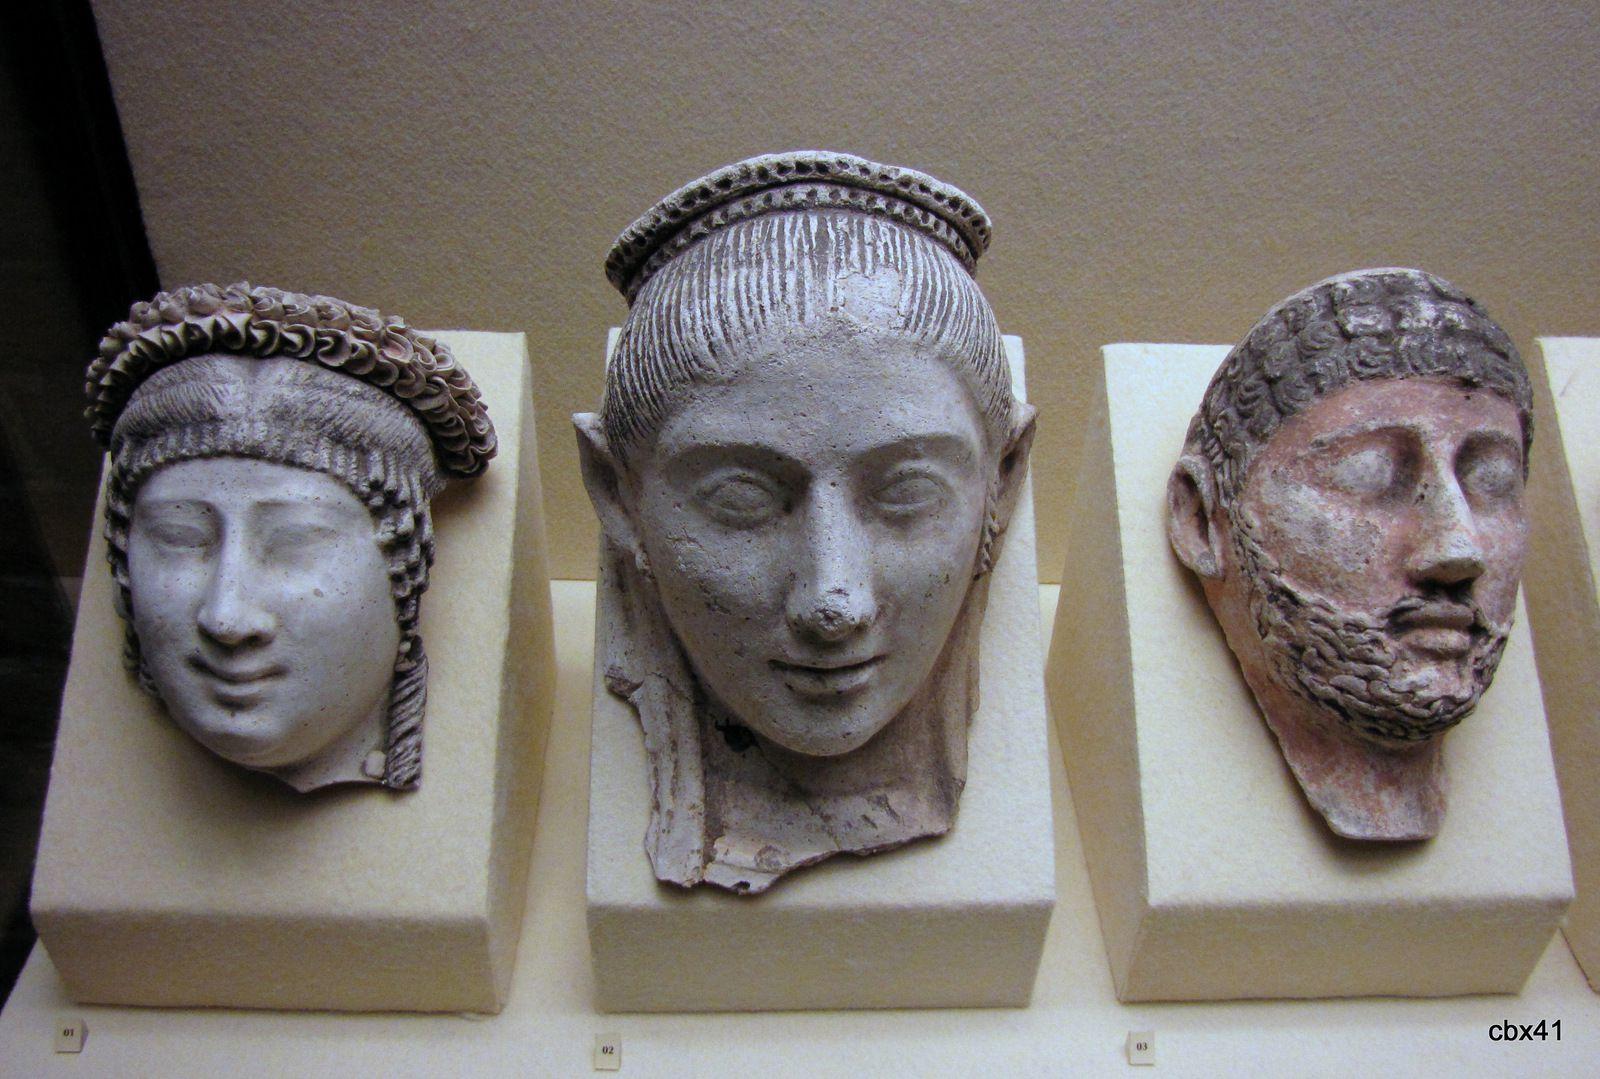 Masques funéraires d'époque romaine, musée de Picardie